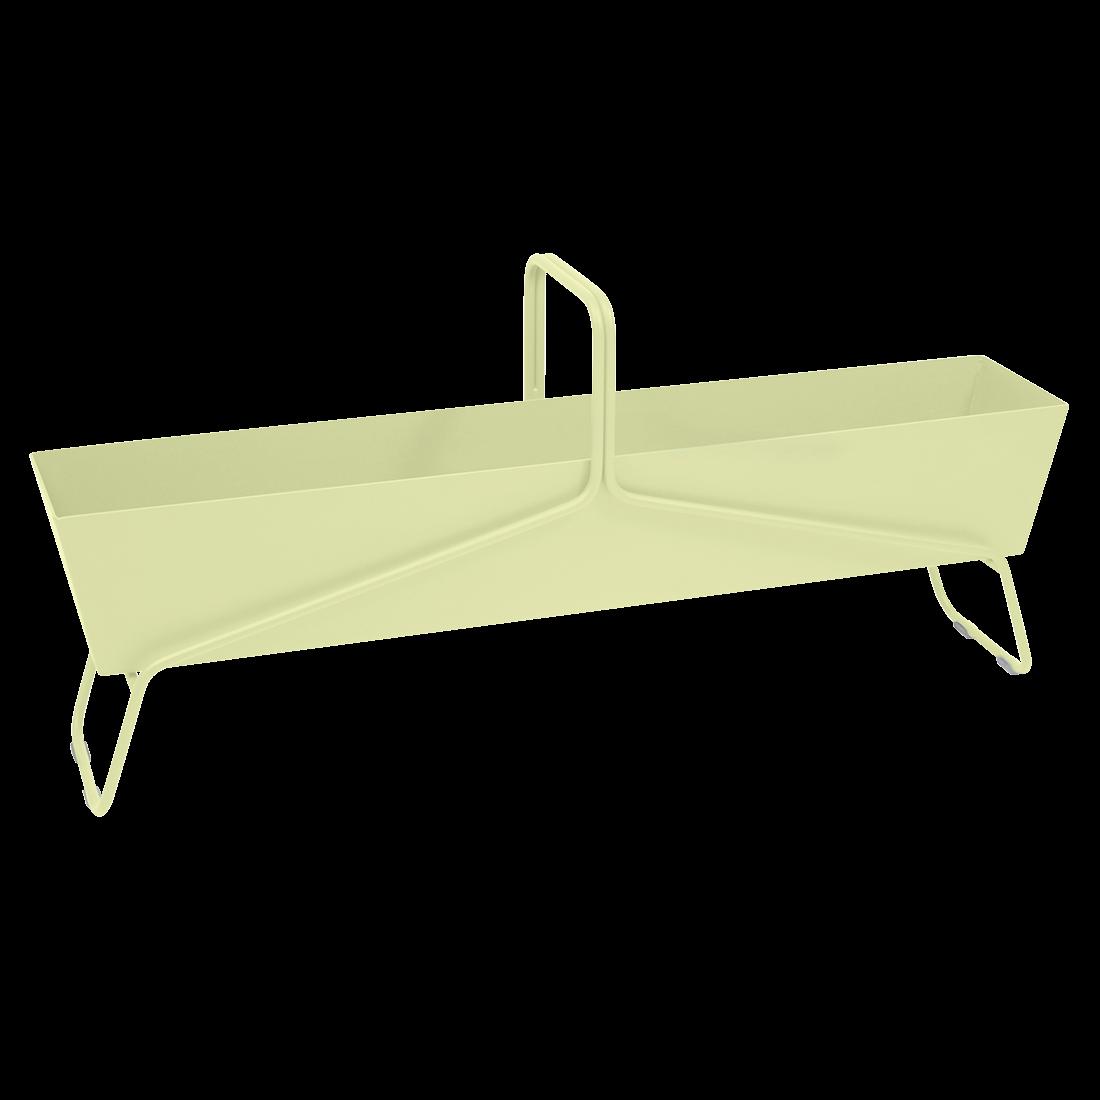 Jardinière Basket longue - Fermob